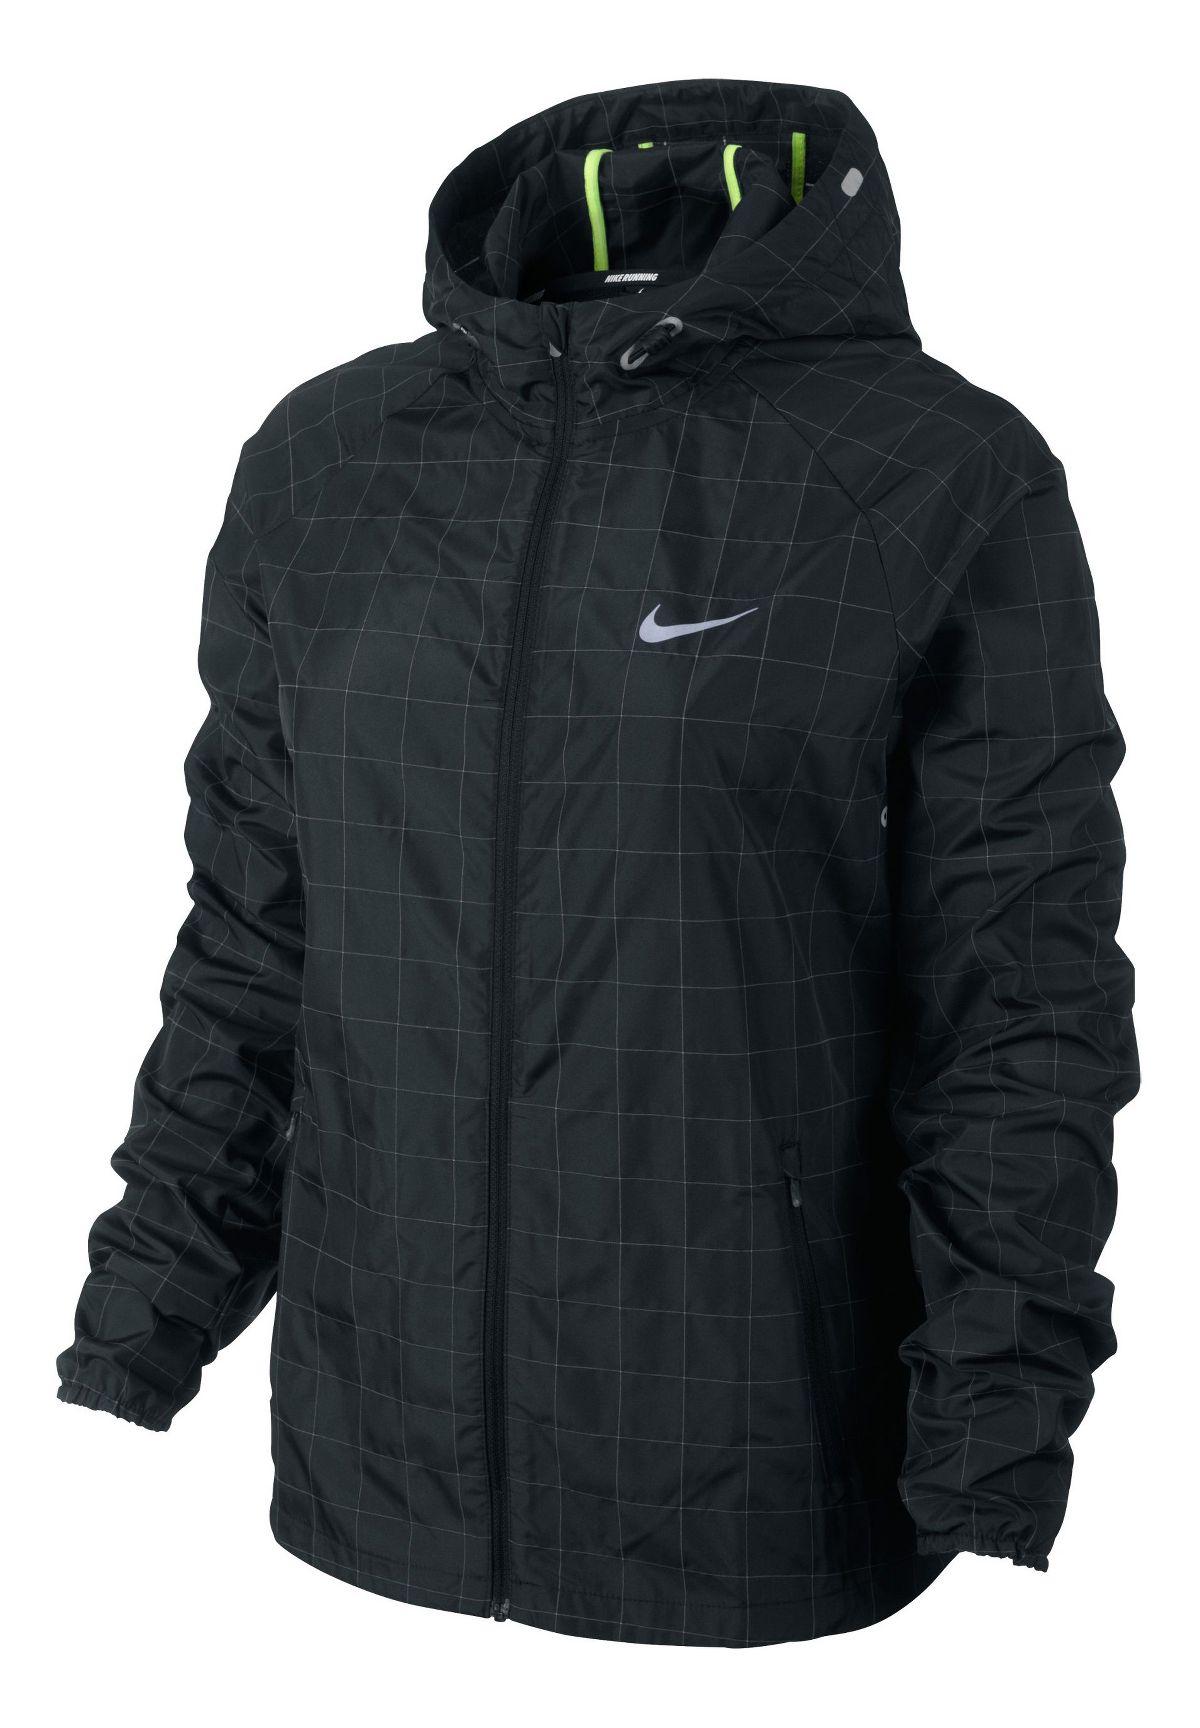 Nike track jacket women